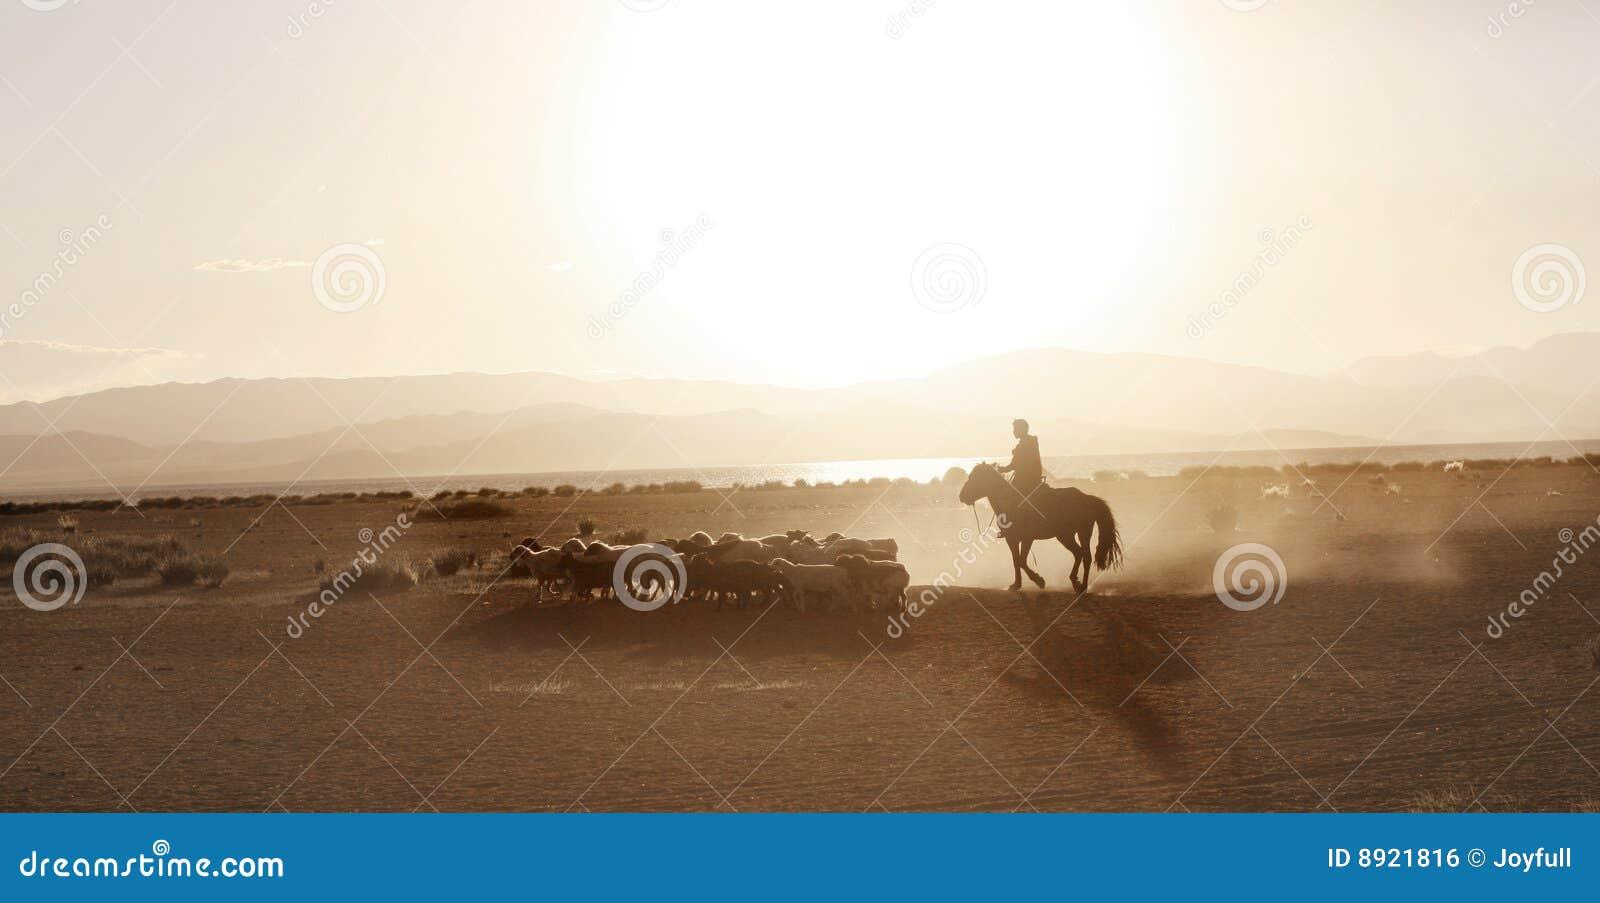 El muchacho mongol condujo la manada de sheeps